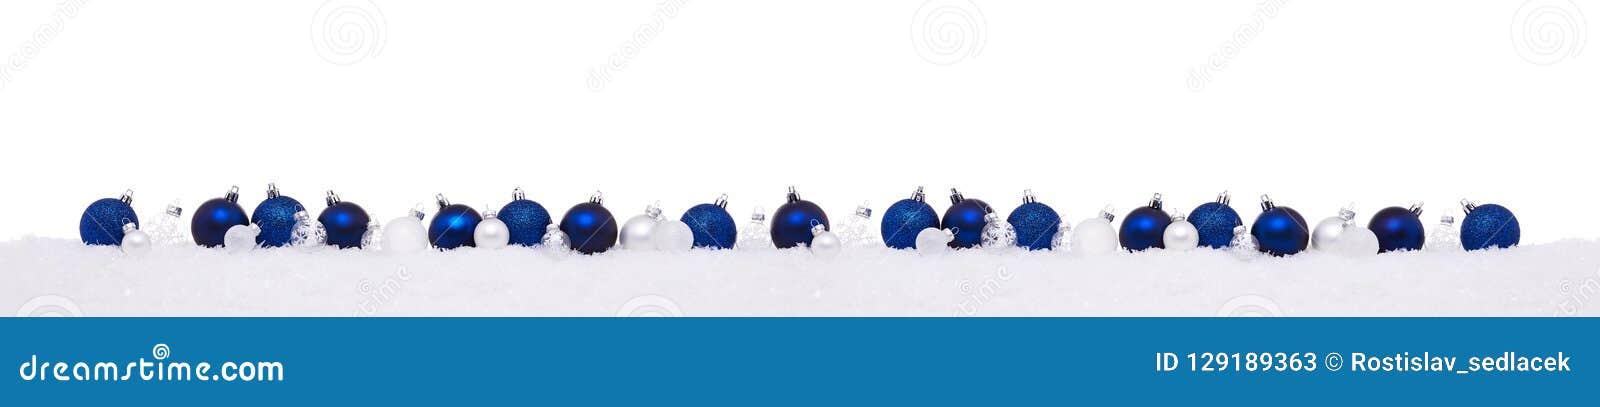 Blauwe en witte die Kerstmisballen op een rij op sneeuw worden geïsoleerd